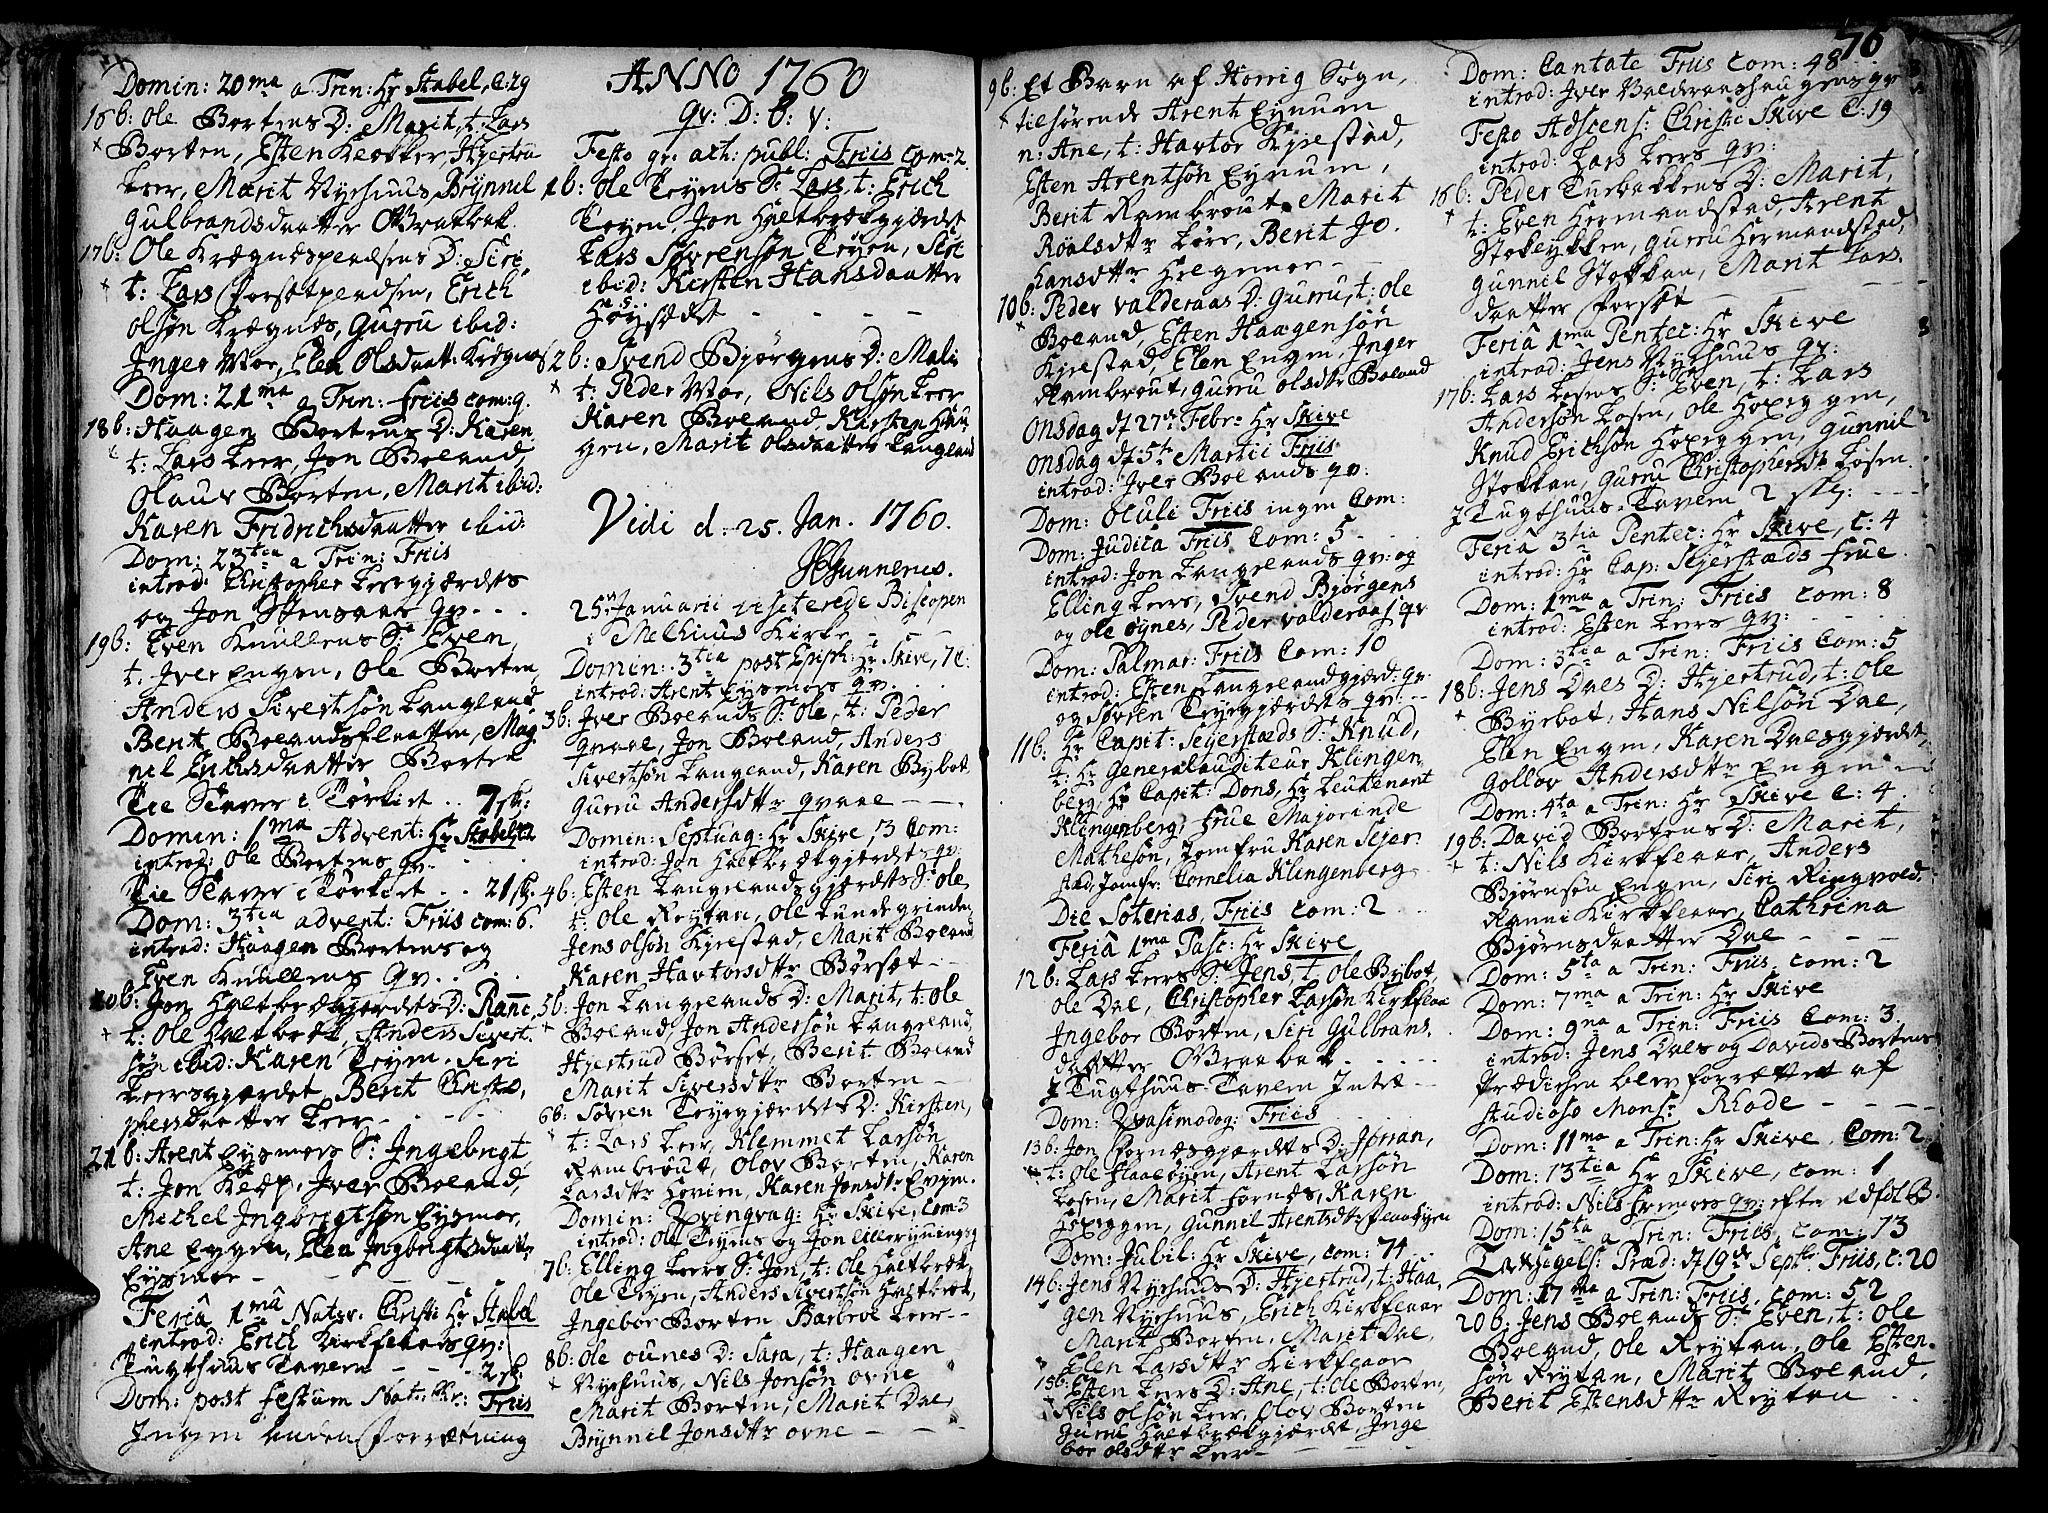 SAT, Ministerialprotokoller, klokkerbøker og fødselsregistre - Sør-Trøndelag, 691/L1058: Ministerialbok nr. 691A01 /2, 1740-1767, s. 76